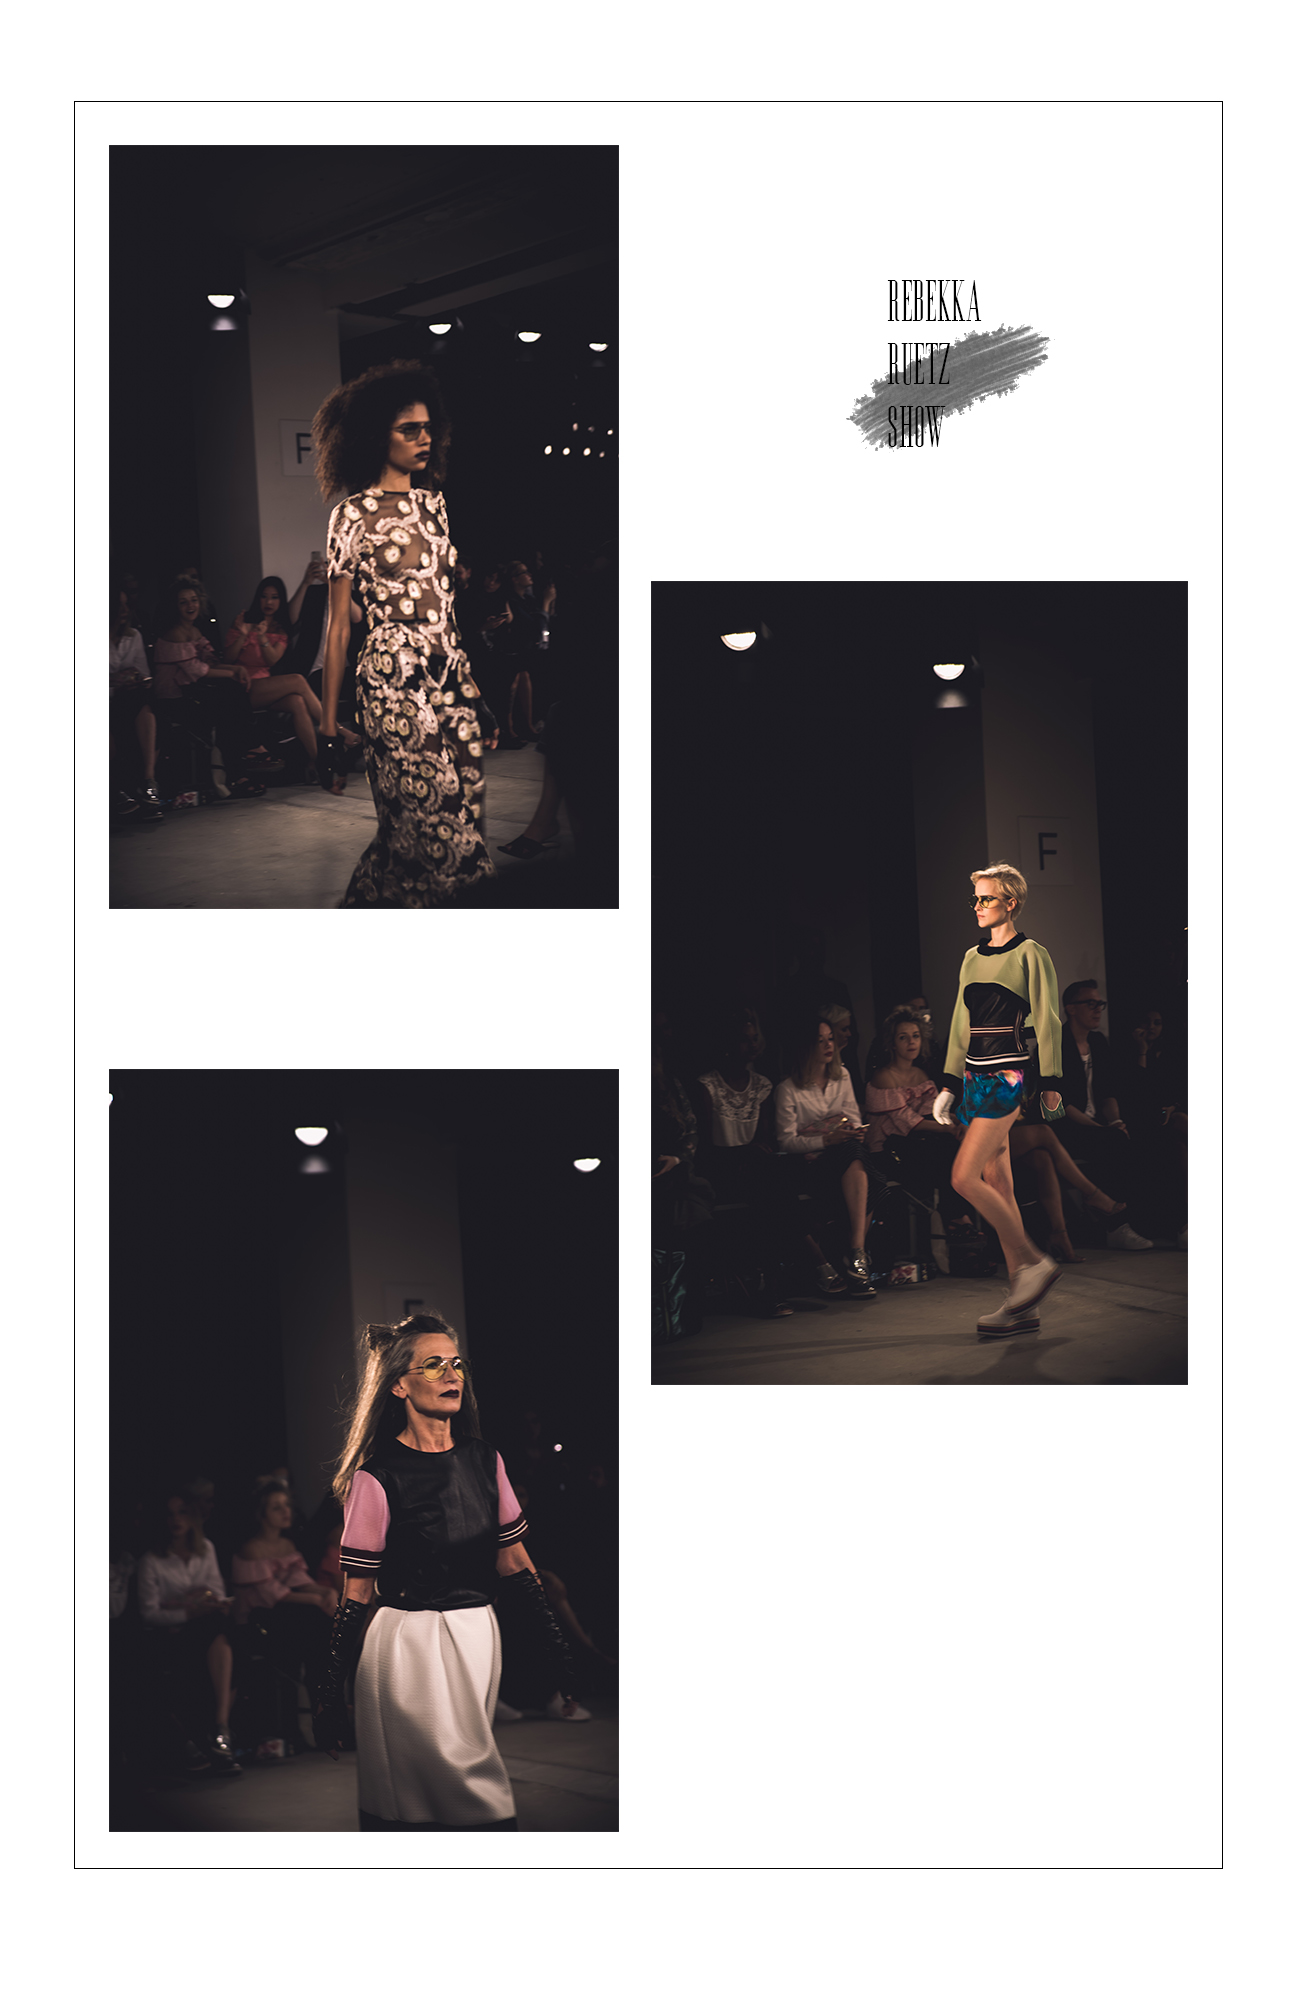 Rebekka ruetz fashion show berlin erfahrungen lifestyle blog münchen